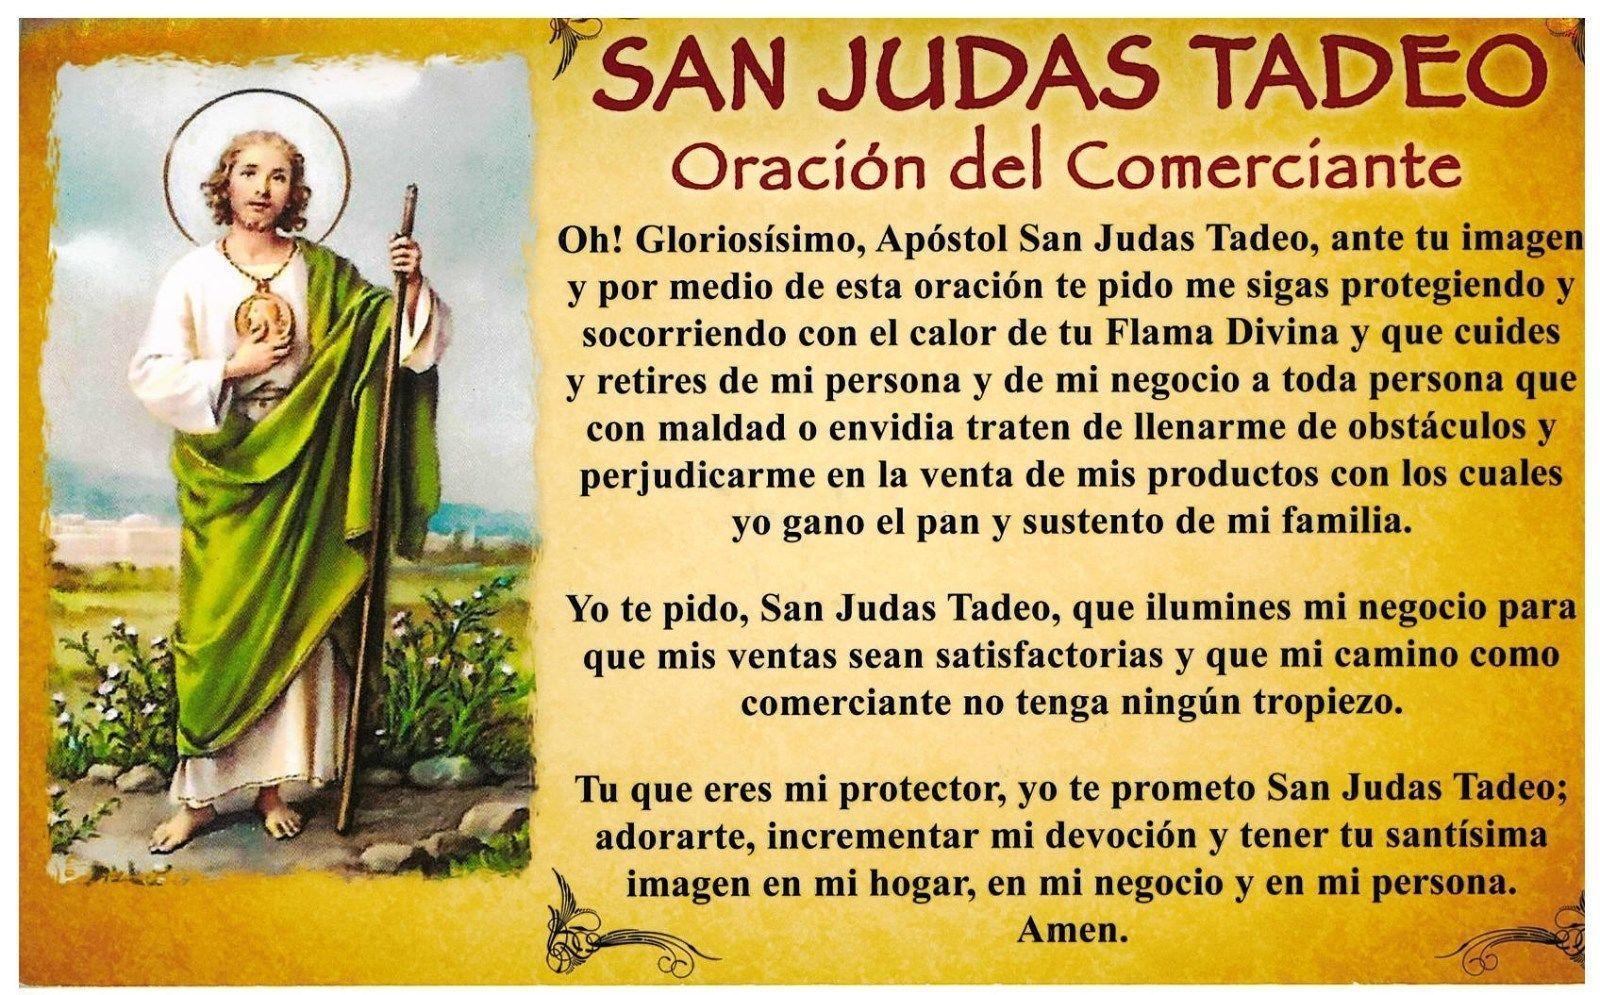 SAN JUDAS TADEO - Oracion del Comerciante - L340.0004